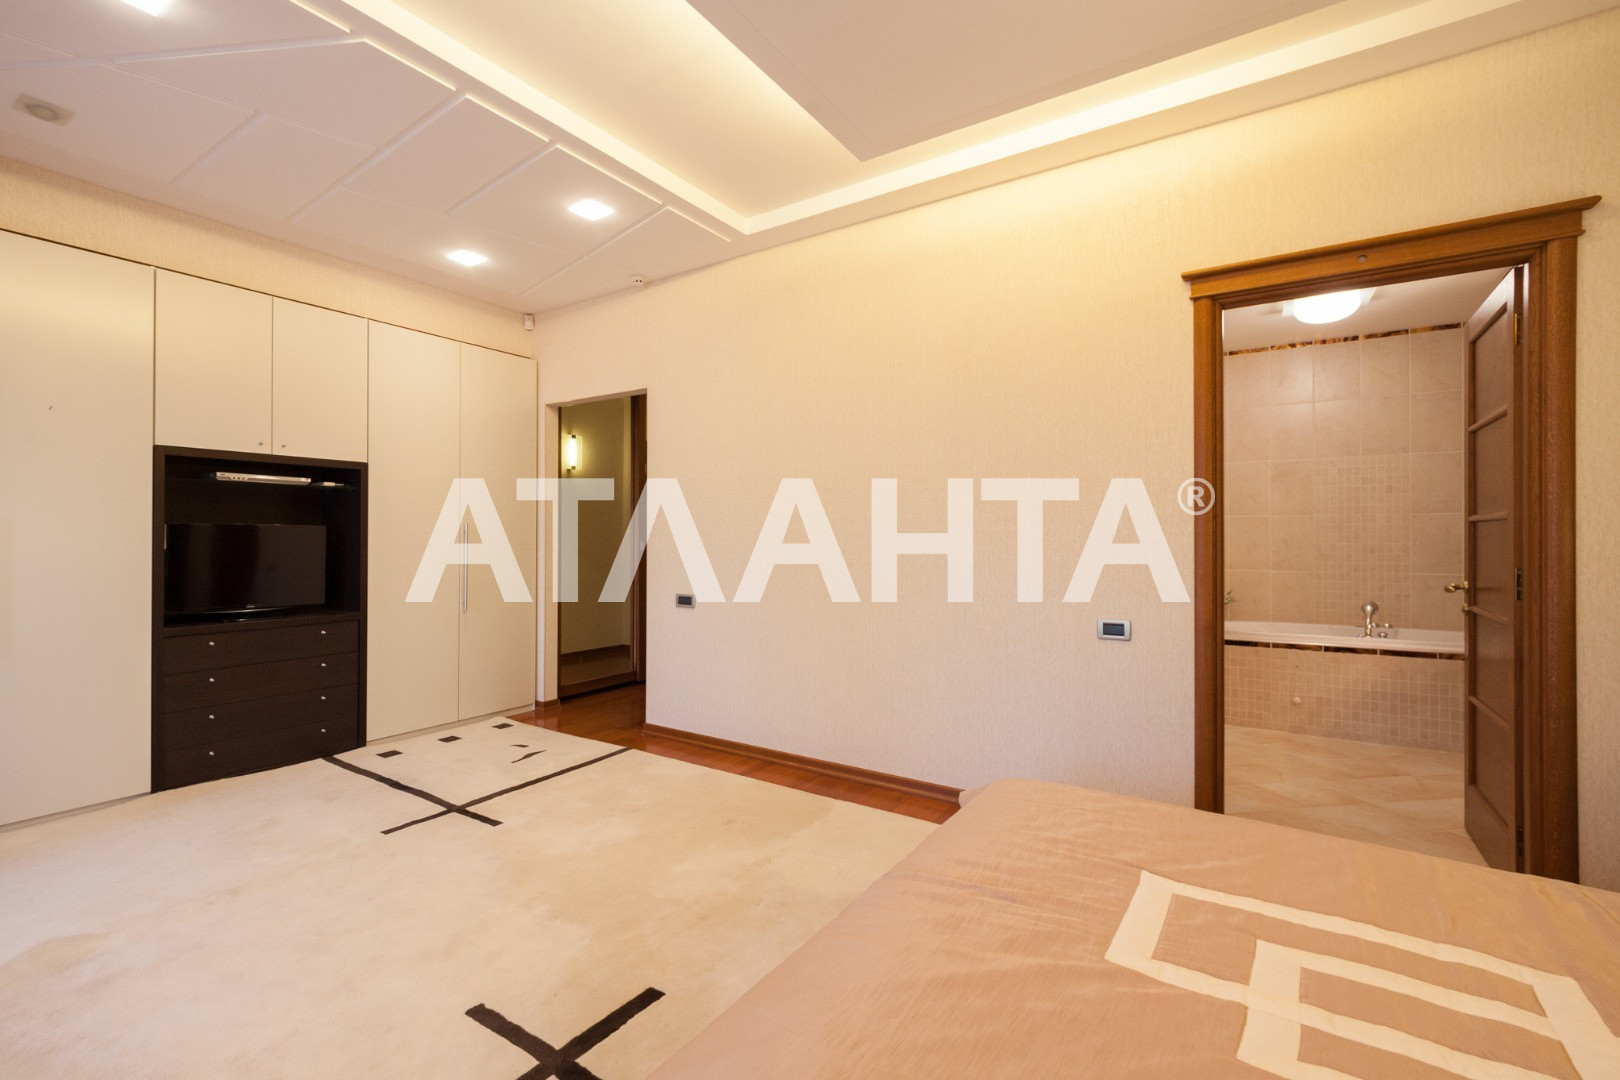 Продается 3-комнатная Квартира на ул. Педагогический Пер. — 230 000 у.е. (фото №9)